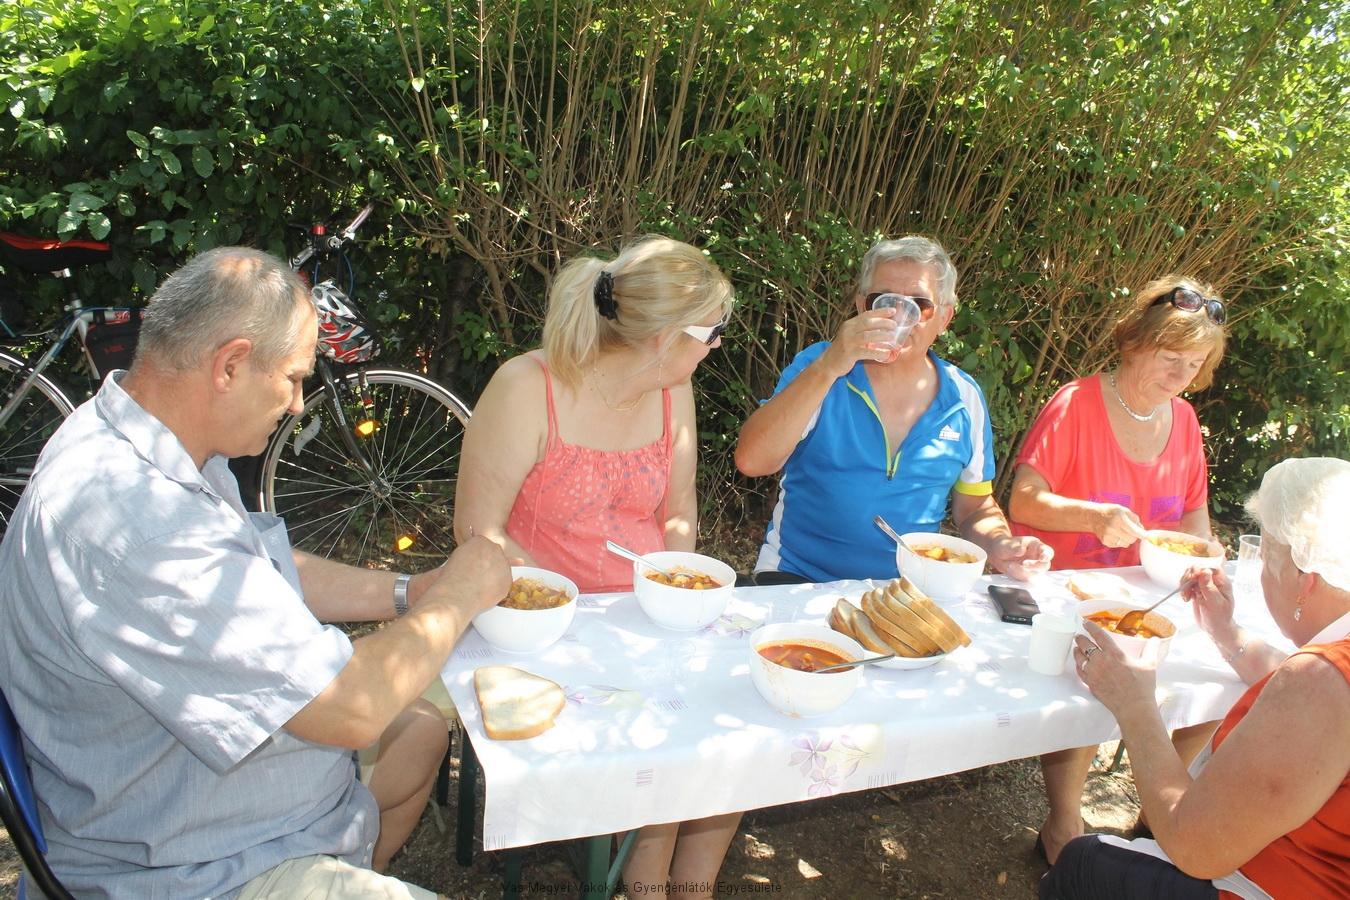 Egyesületünk tagjai jóízűen elfogyasztják a finom, ízletes pincepörköltet.